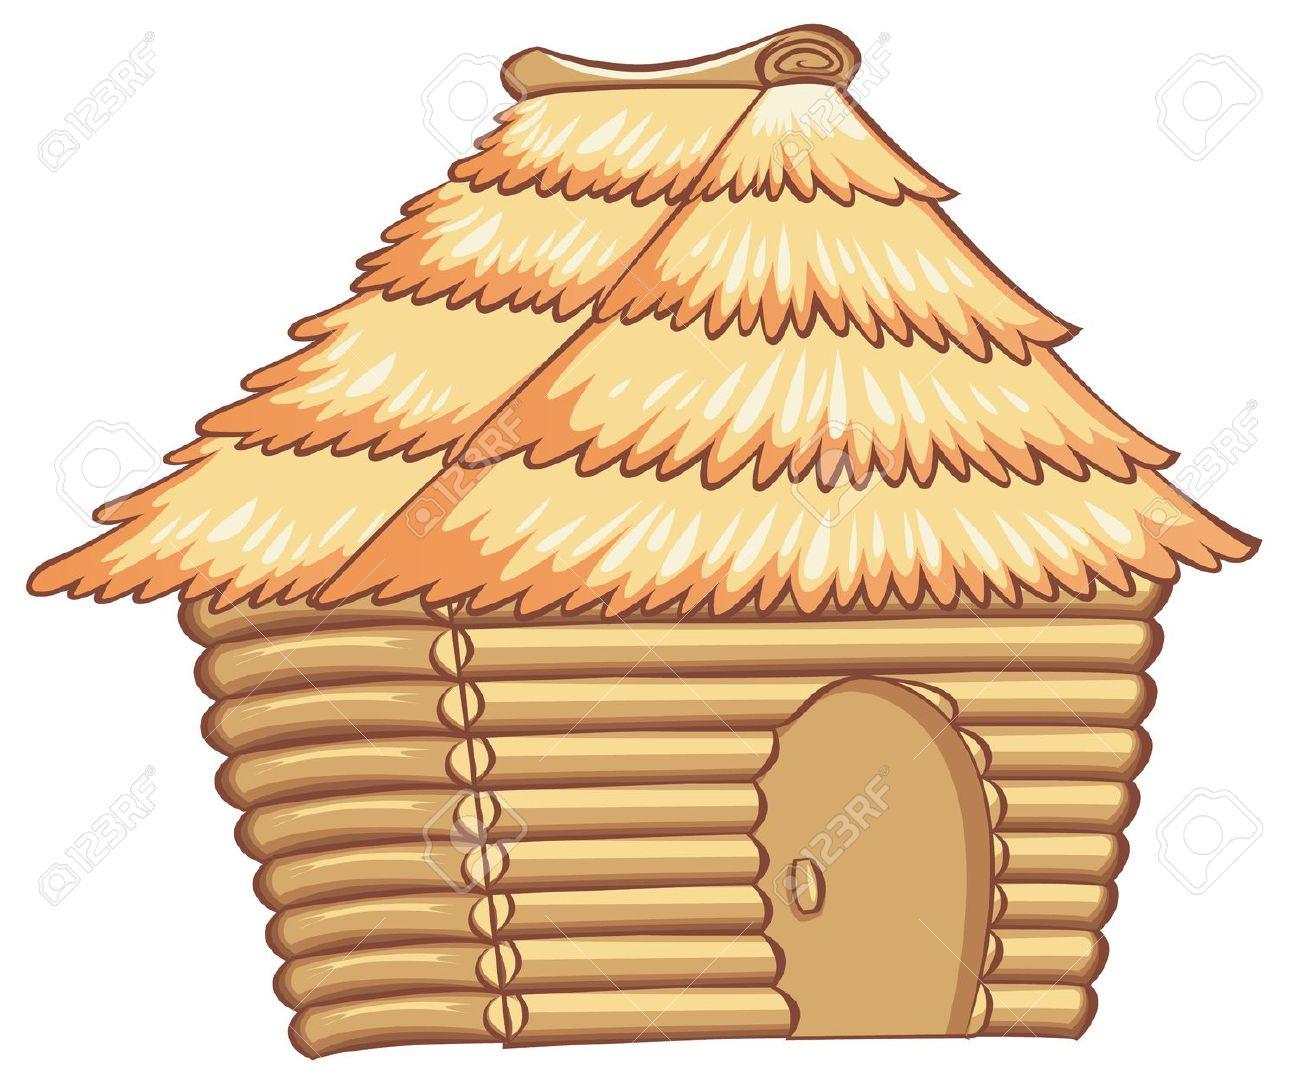 Village hut clipart.